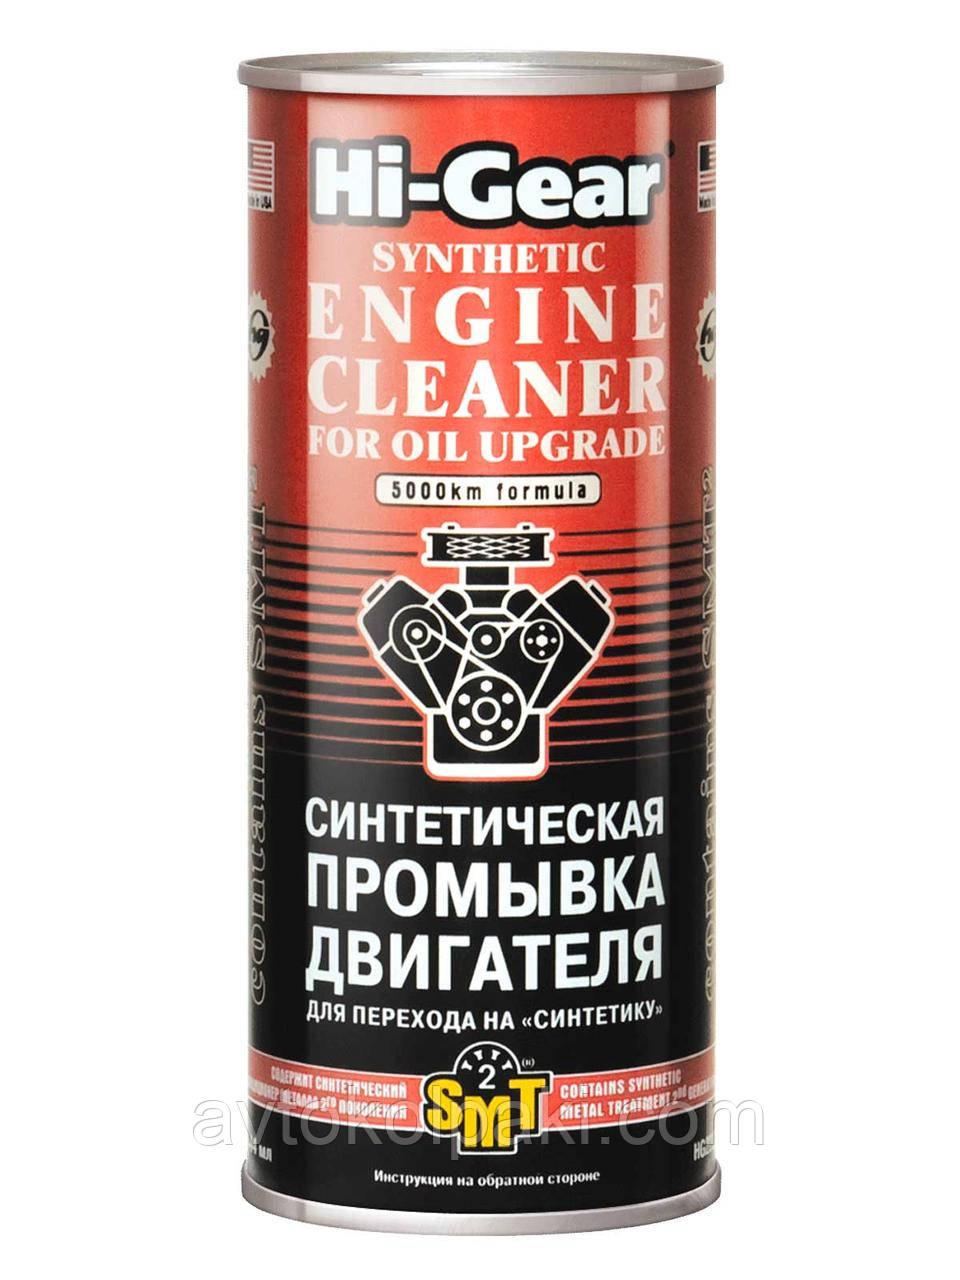 Синтетическая промывка двигателя с SMT2 Hi-Gear 444мл